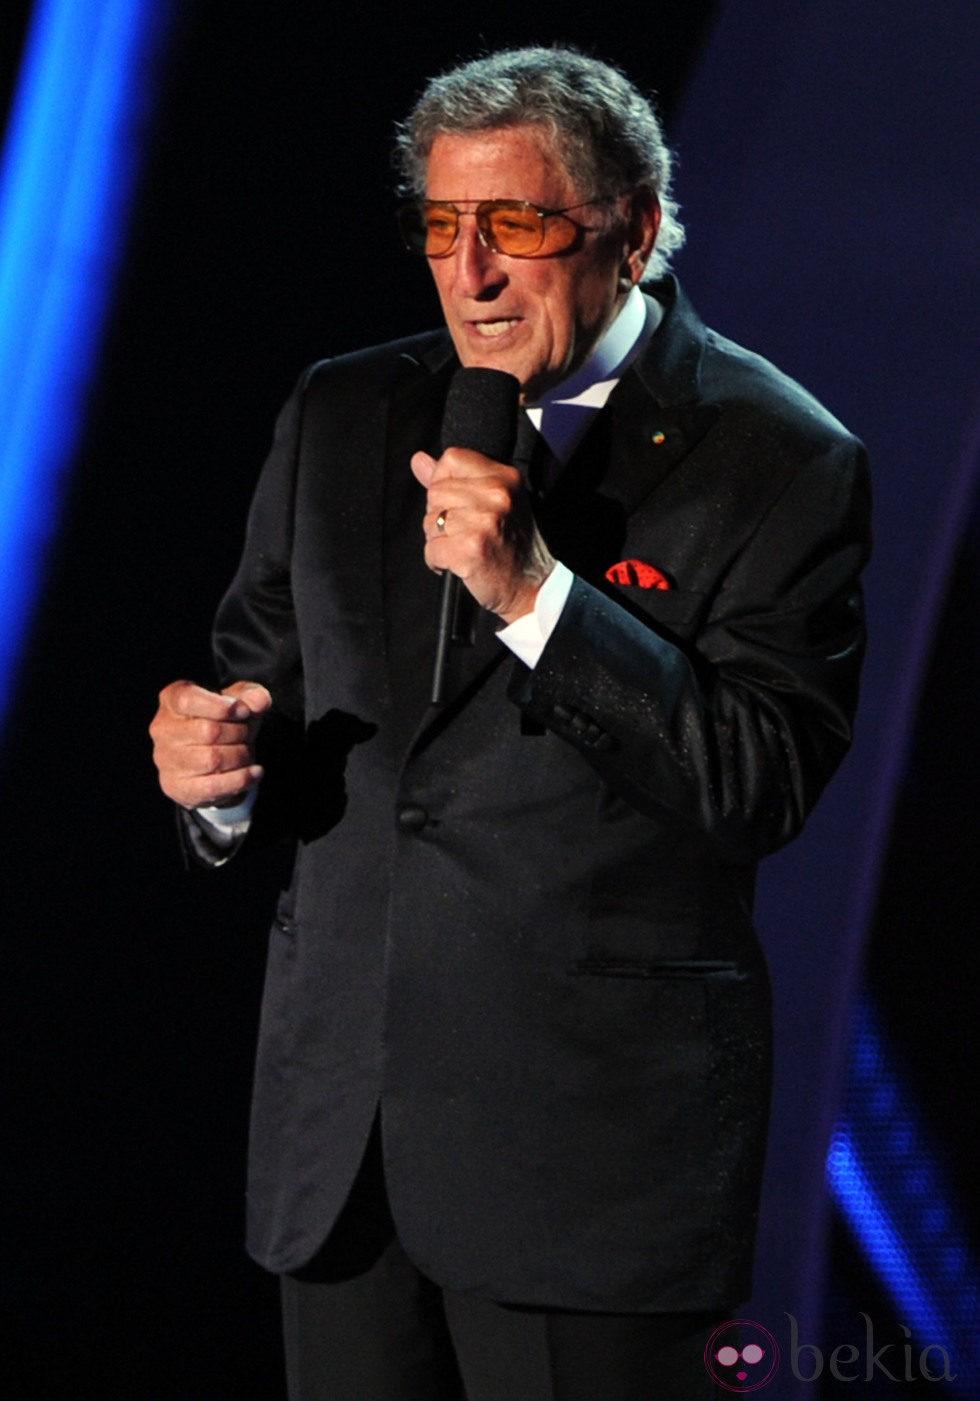 Tony Bennett en la gala de los MTV Video Music Awards 2011